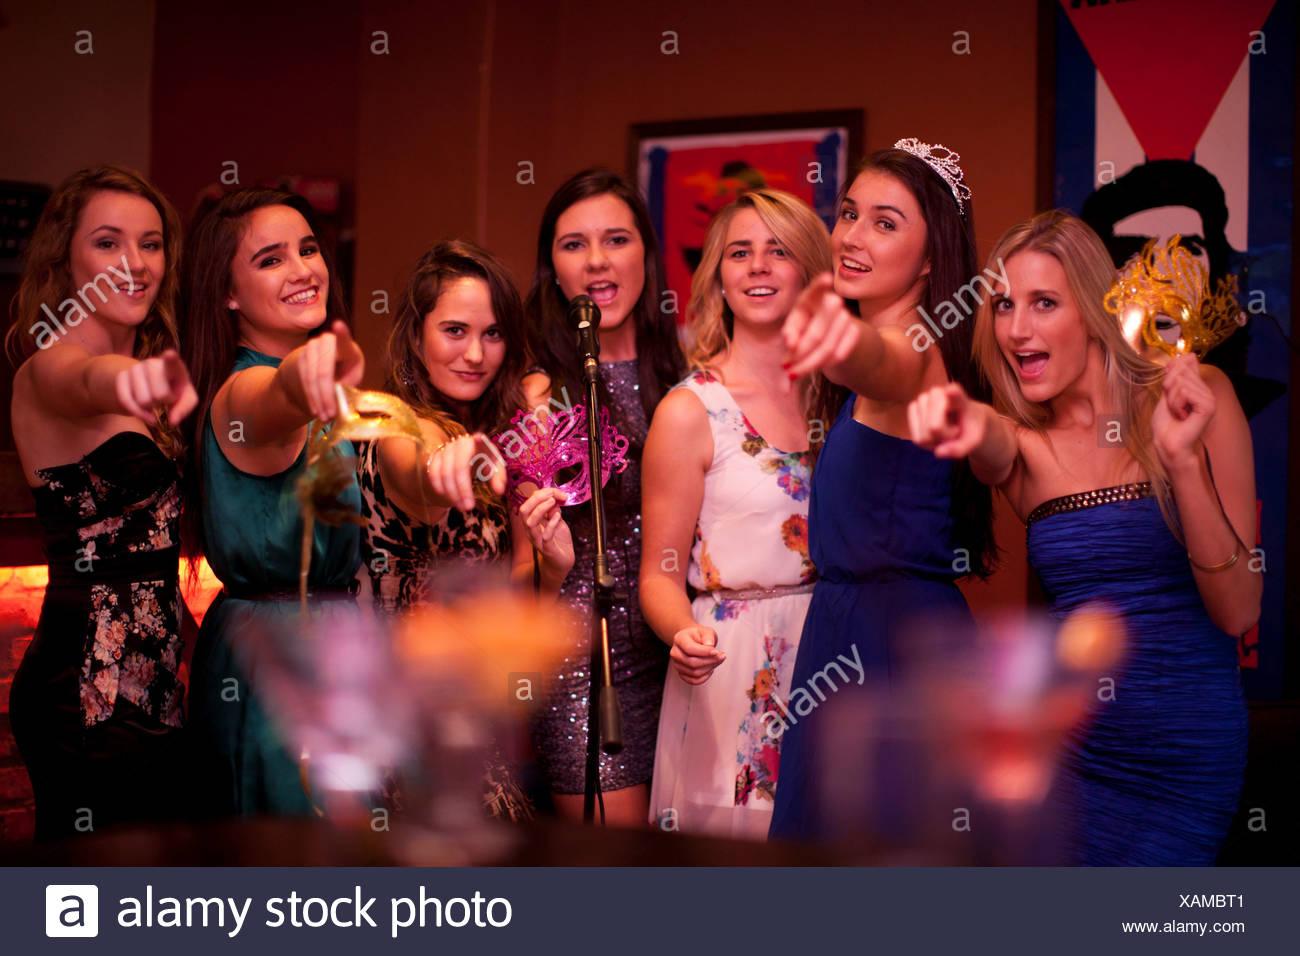 Las mujeres jóvenes cantando en el bar karaoke Imagen De Stock